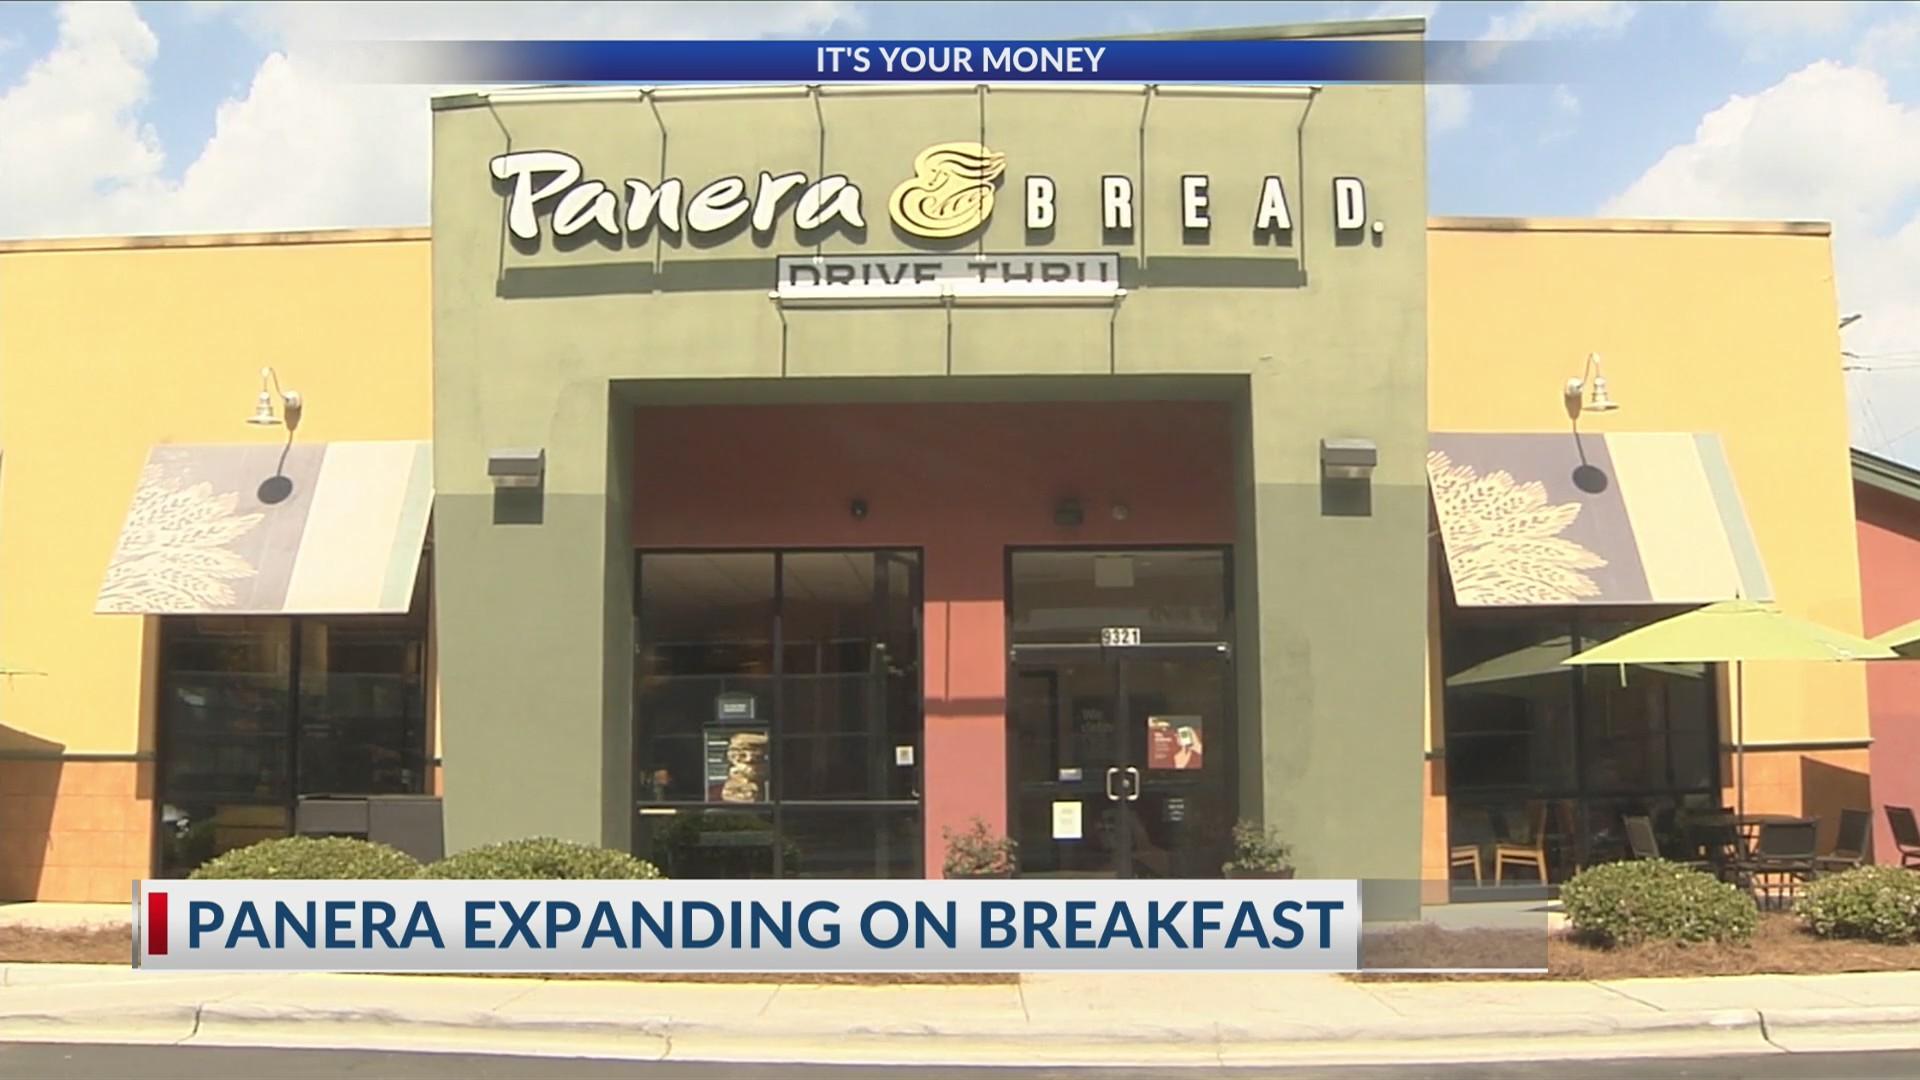 Panera breakfast